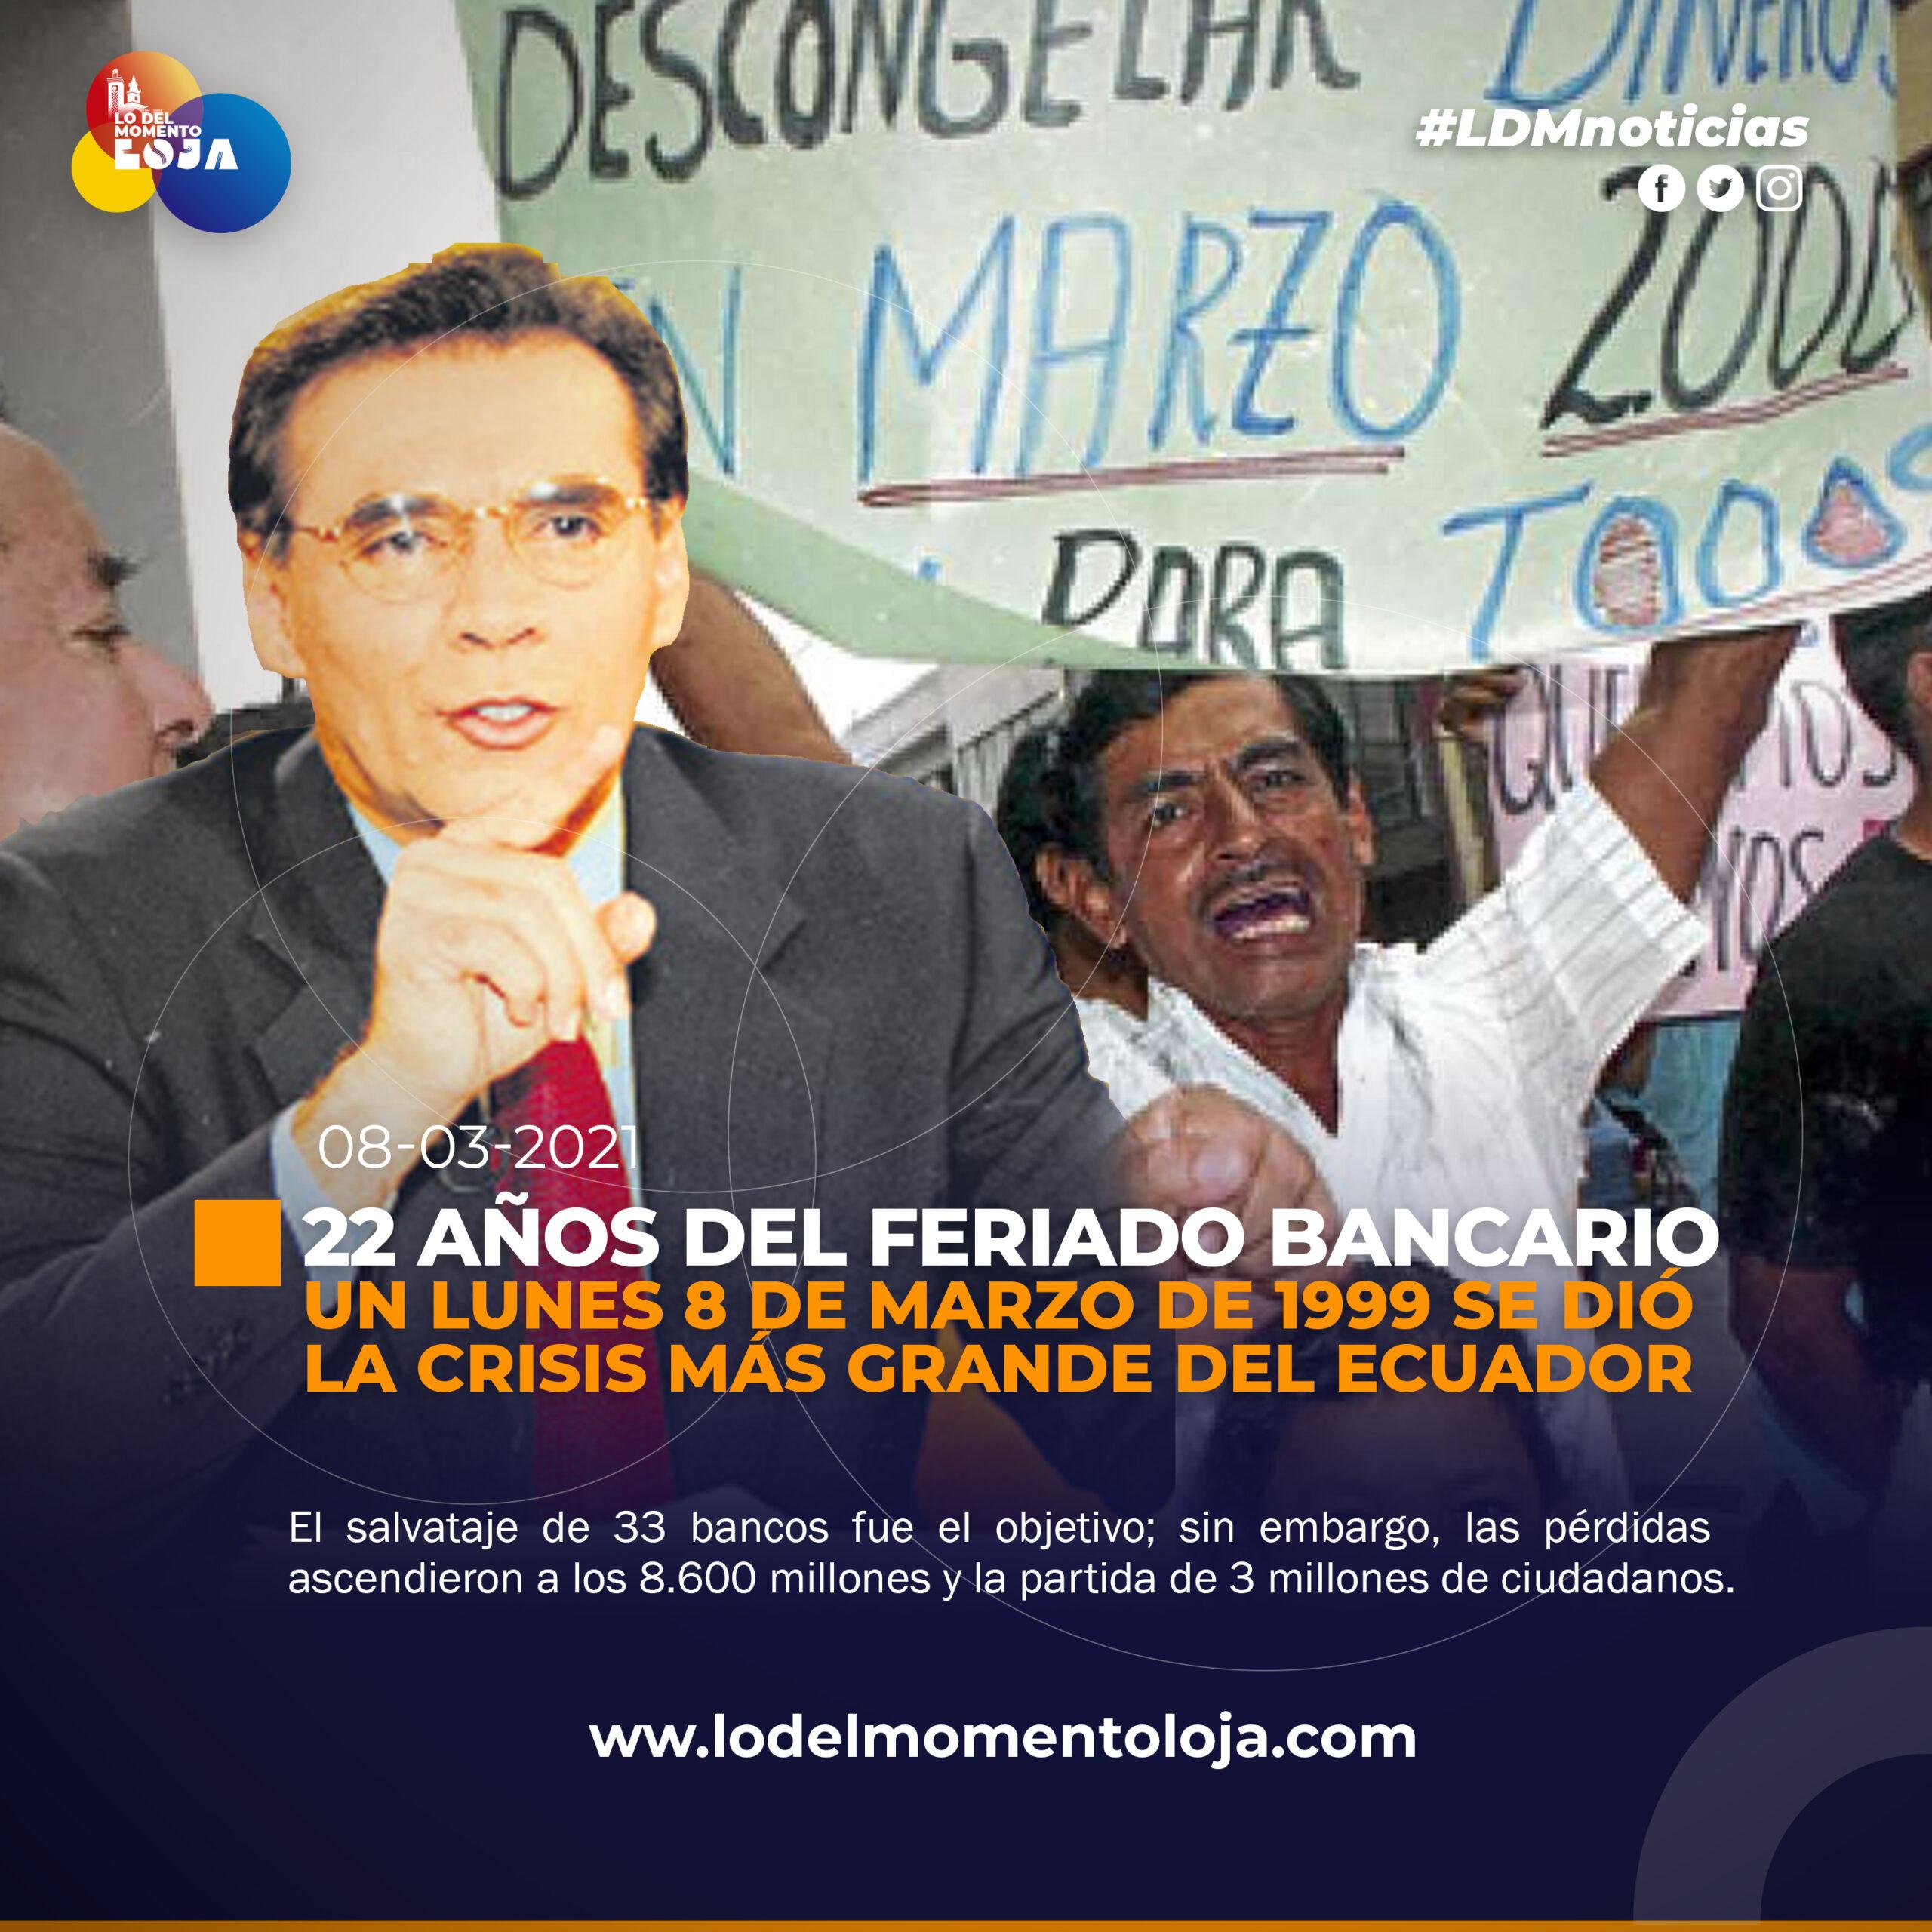 22 AÑOS DEL FERIADO BANCARIO EN ECUADOR